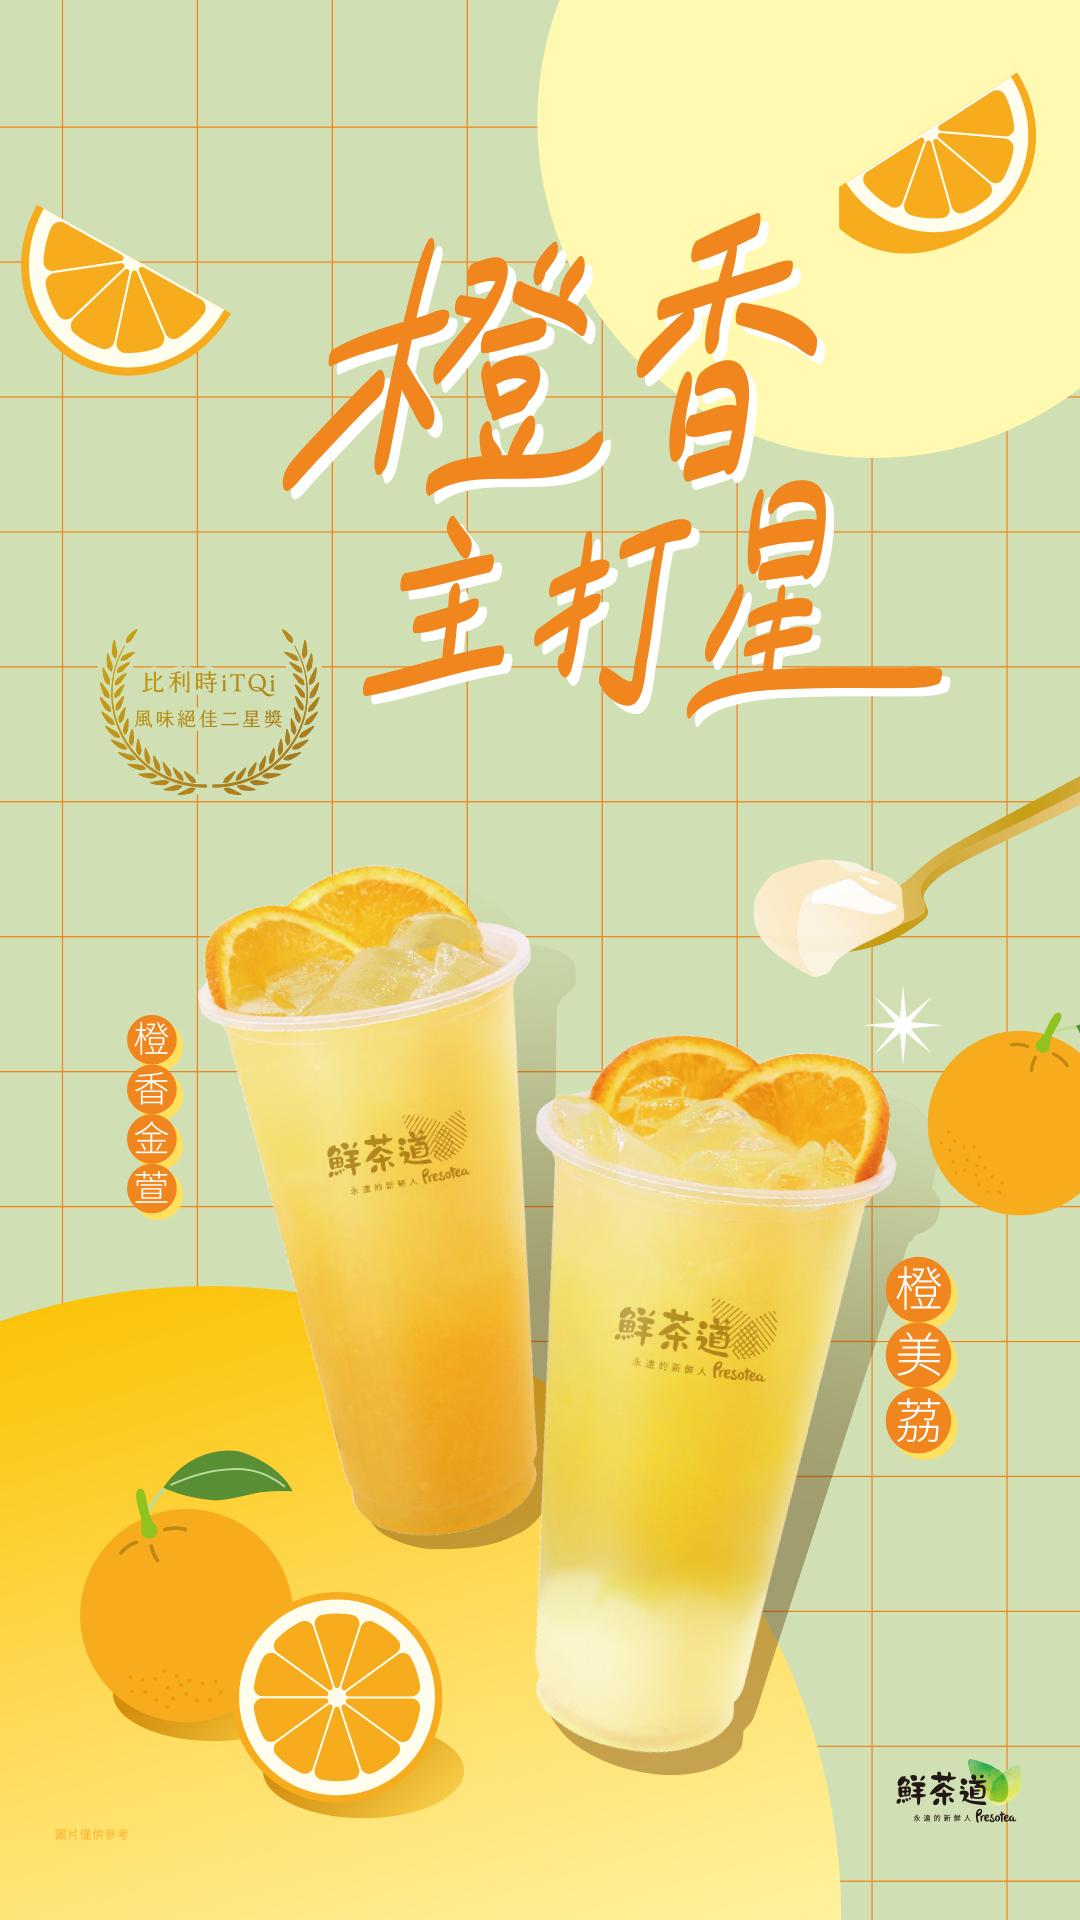 橙香主打星